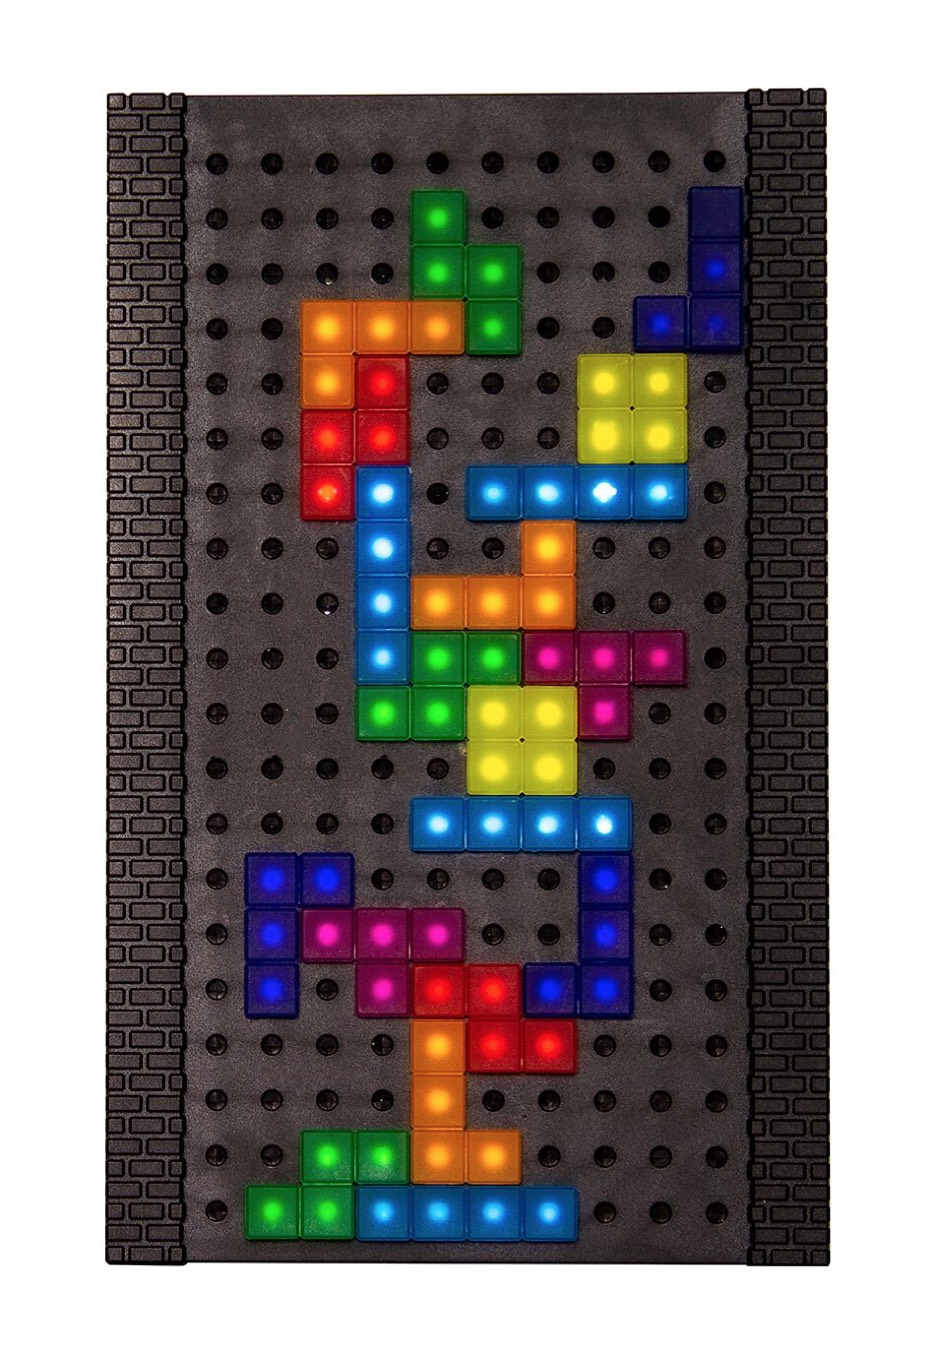 Kabel 1 Tetris